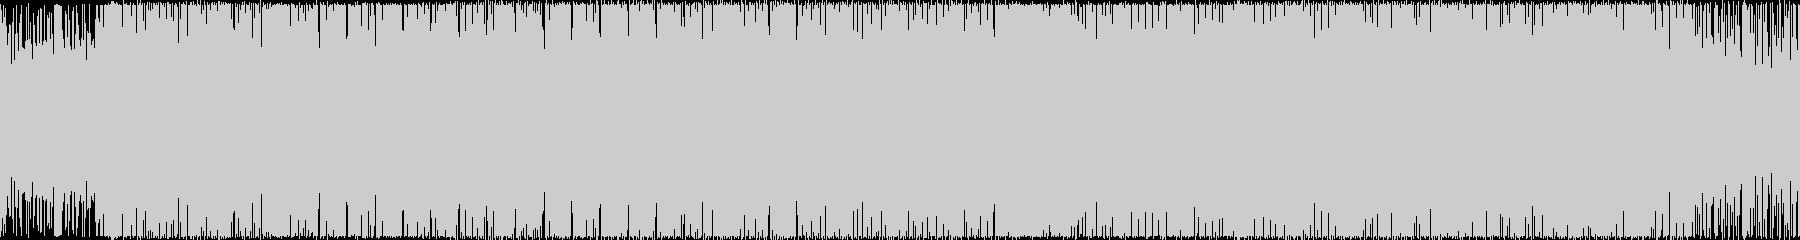 スピード感のある和風BOSS戦/M12の未再生の波形